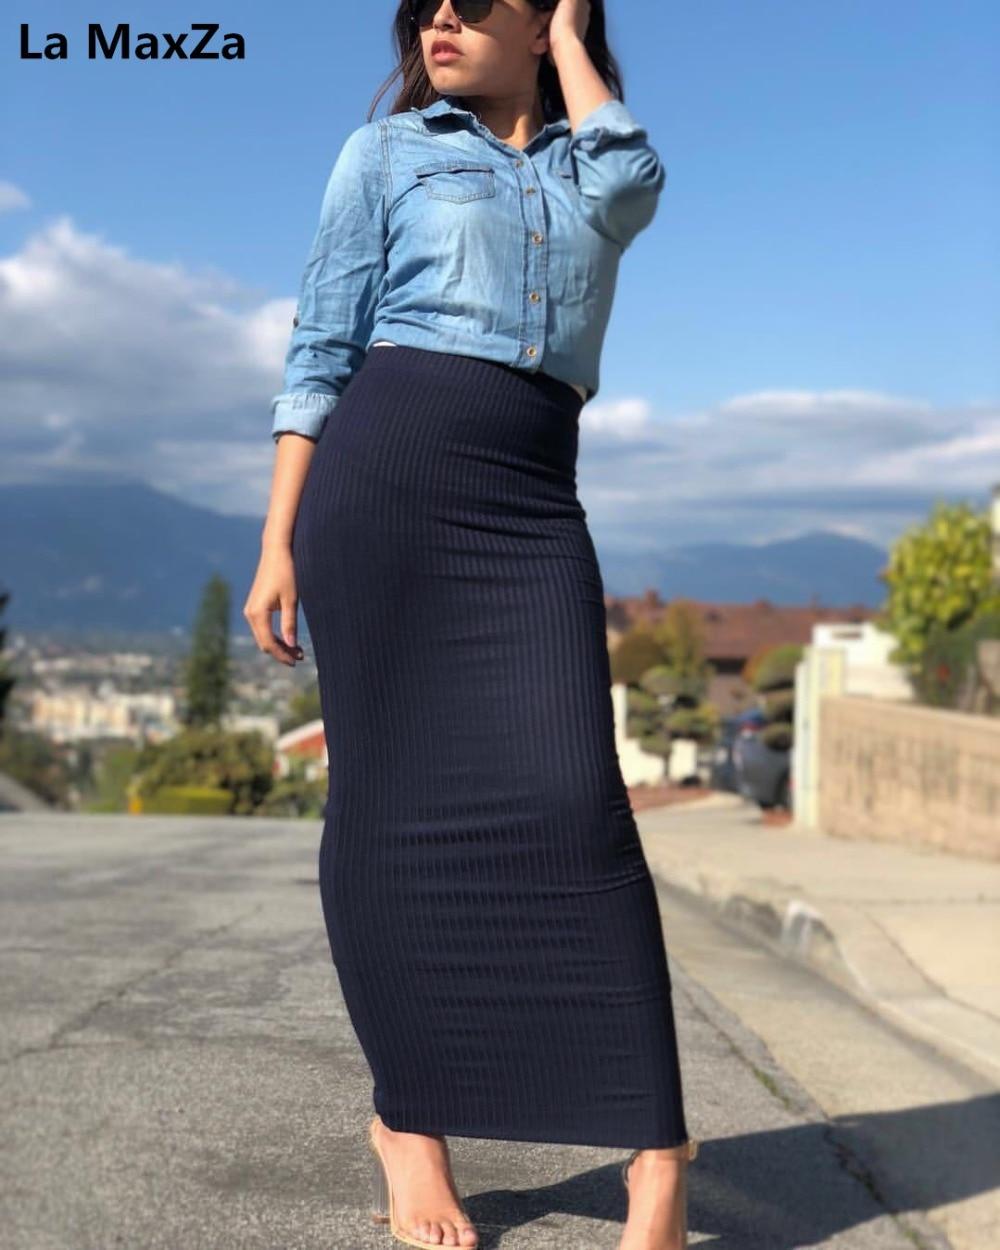 Foulard de tête pour femme jupe longue moulante gaine tricot Maxi longueur cheville vin faldas mujer moda 2019 jupe femme falda crayon sexy jupes de dame